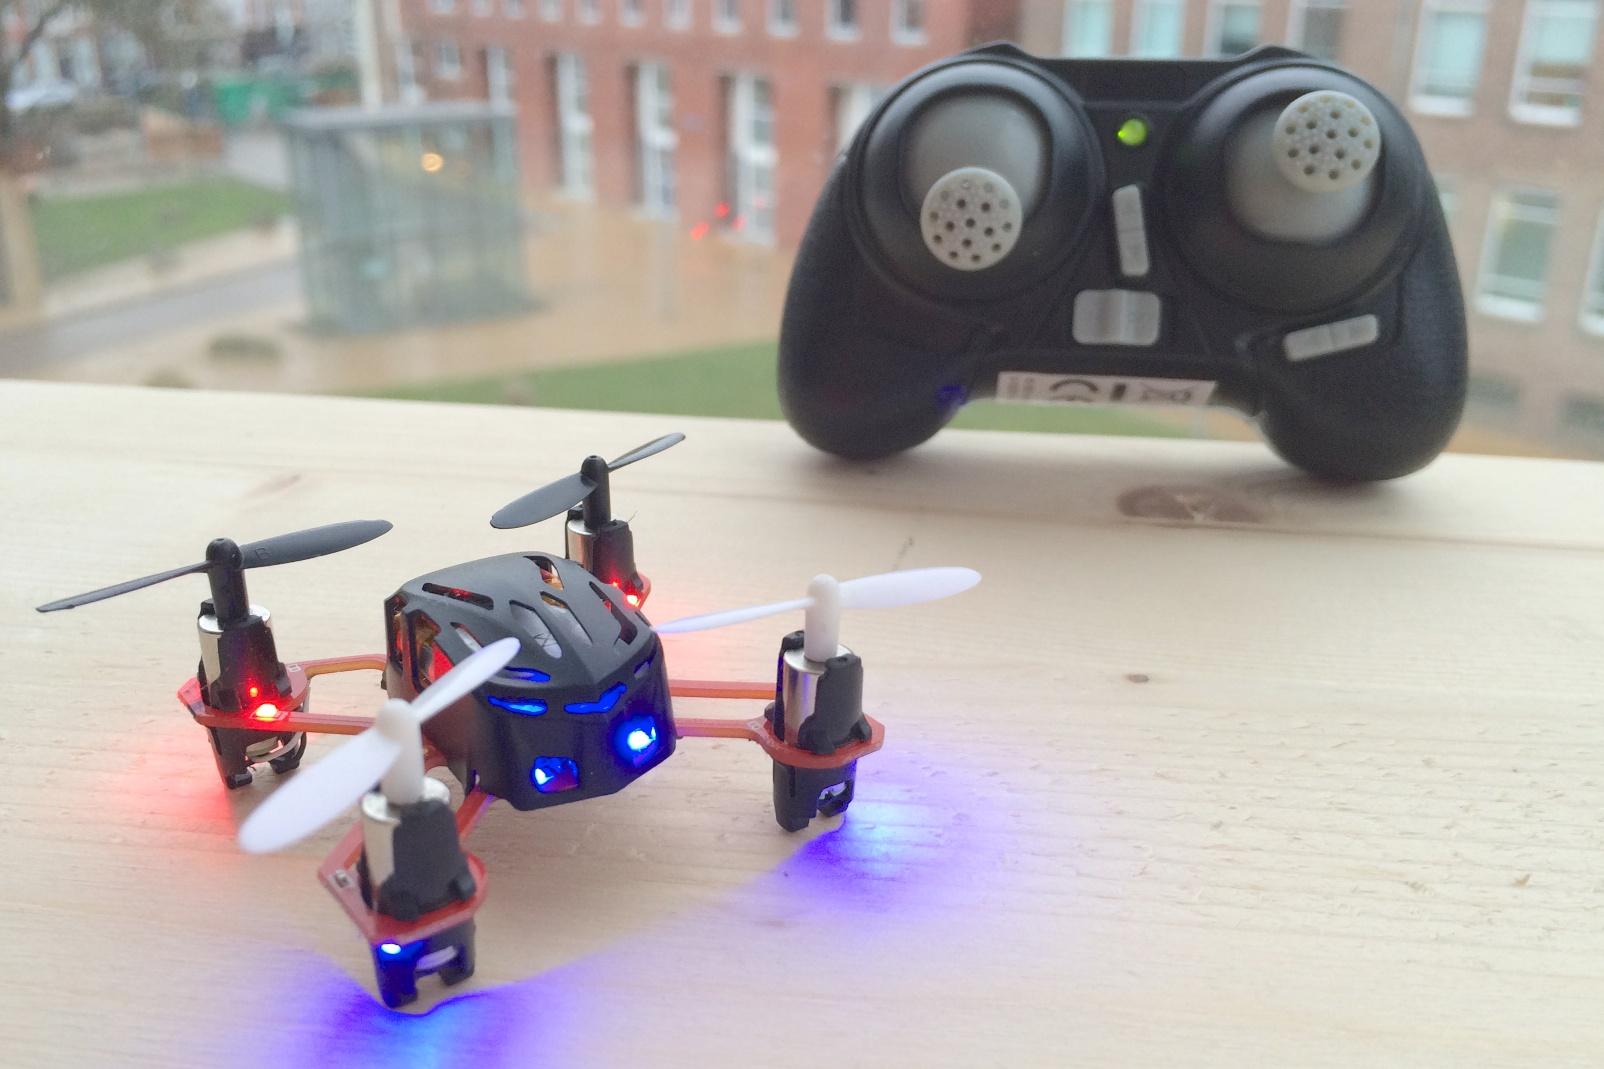 Revell Nano Quad micro quadrocopter review